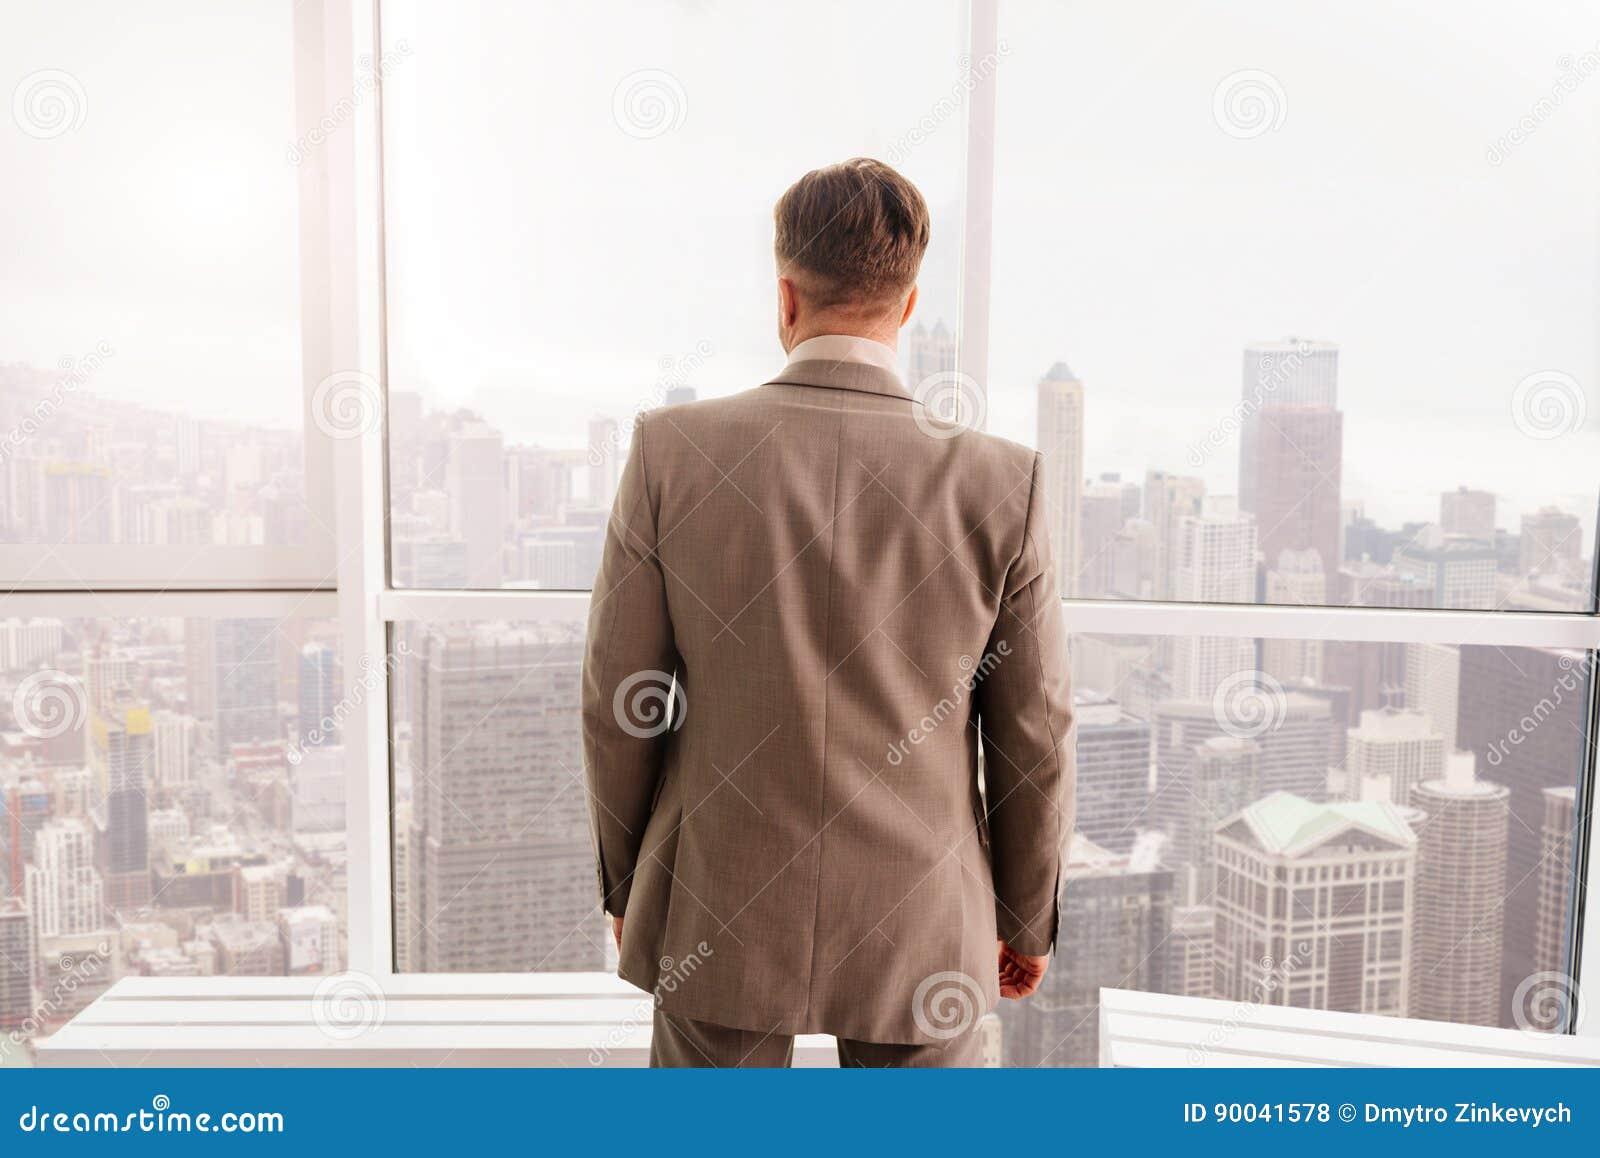 Hintere Ansicht des Geschäftsmannes nahes Fenster stehend